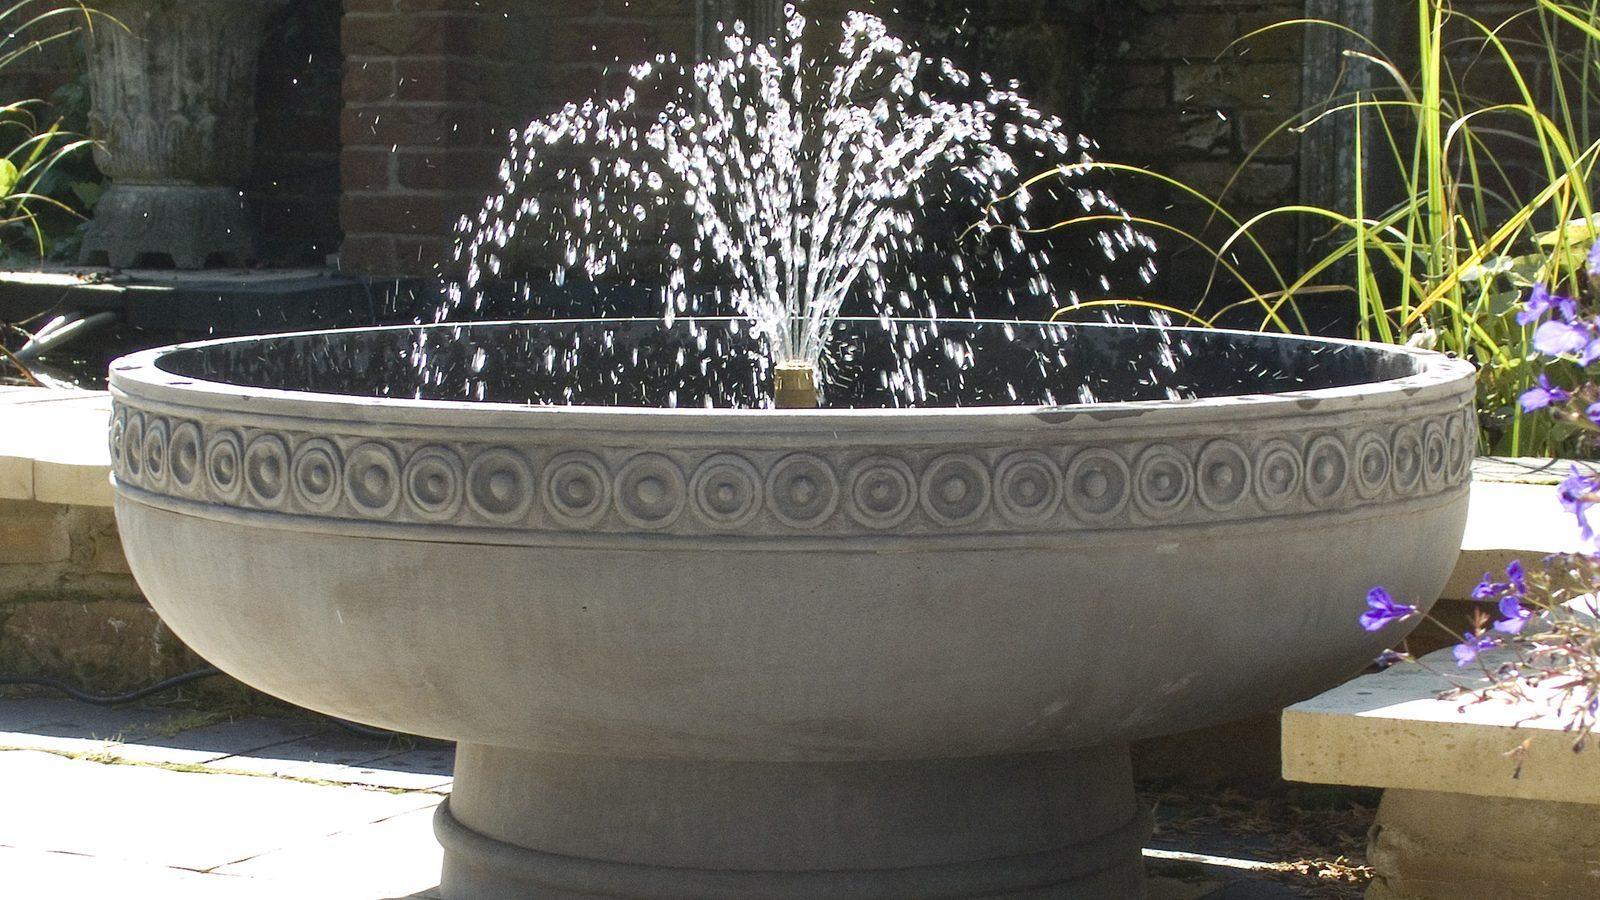 Romanesque_Fountain-TLHC521-A-1-e1536239298253 (1)